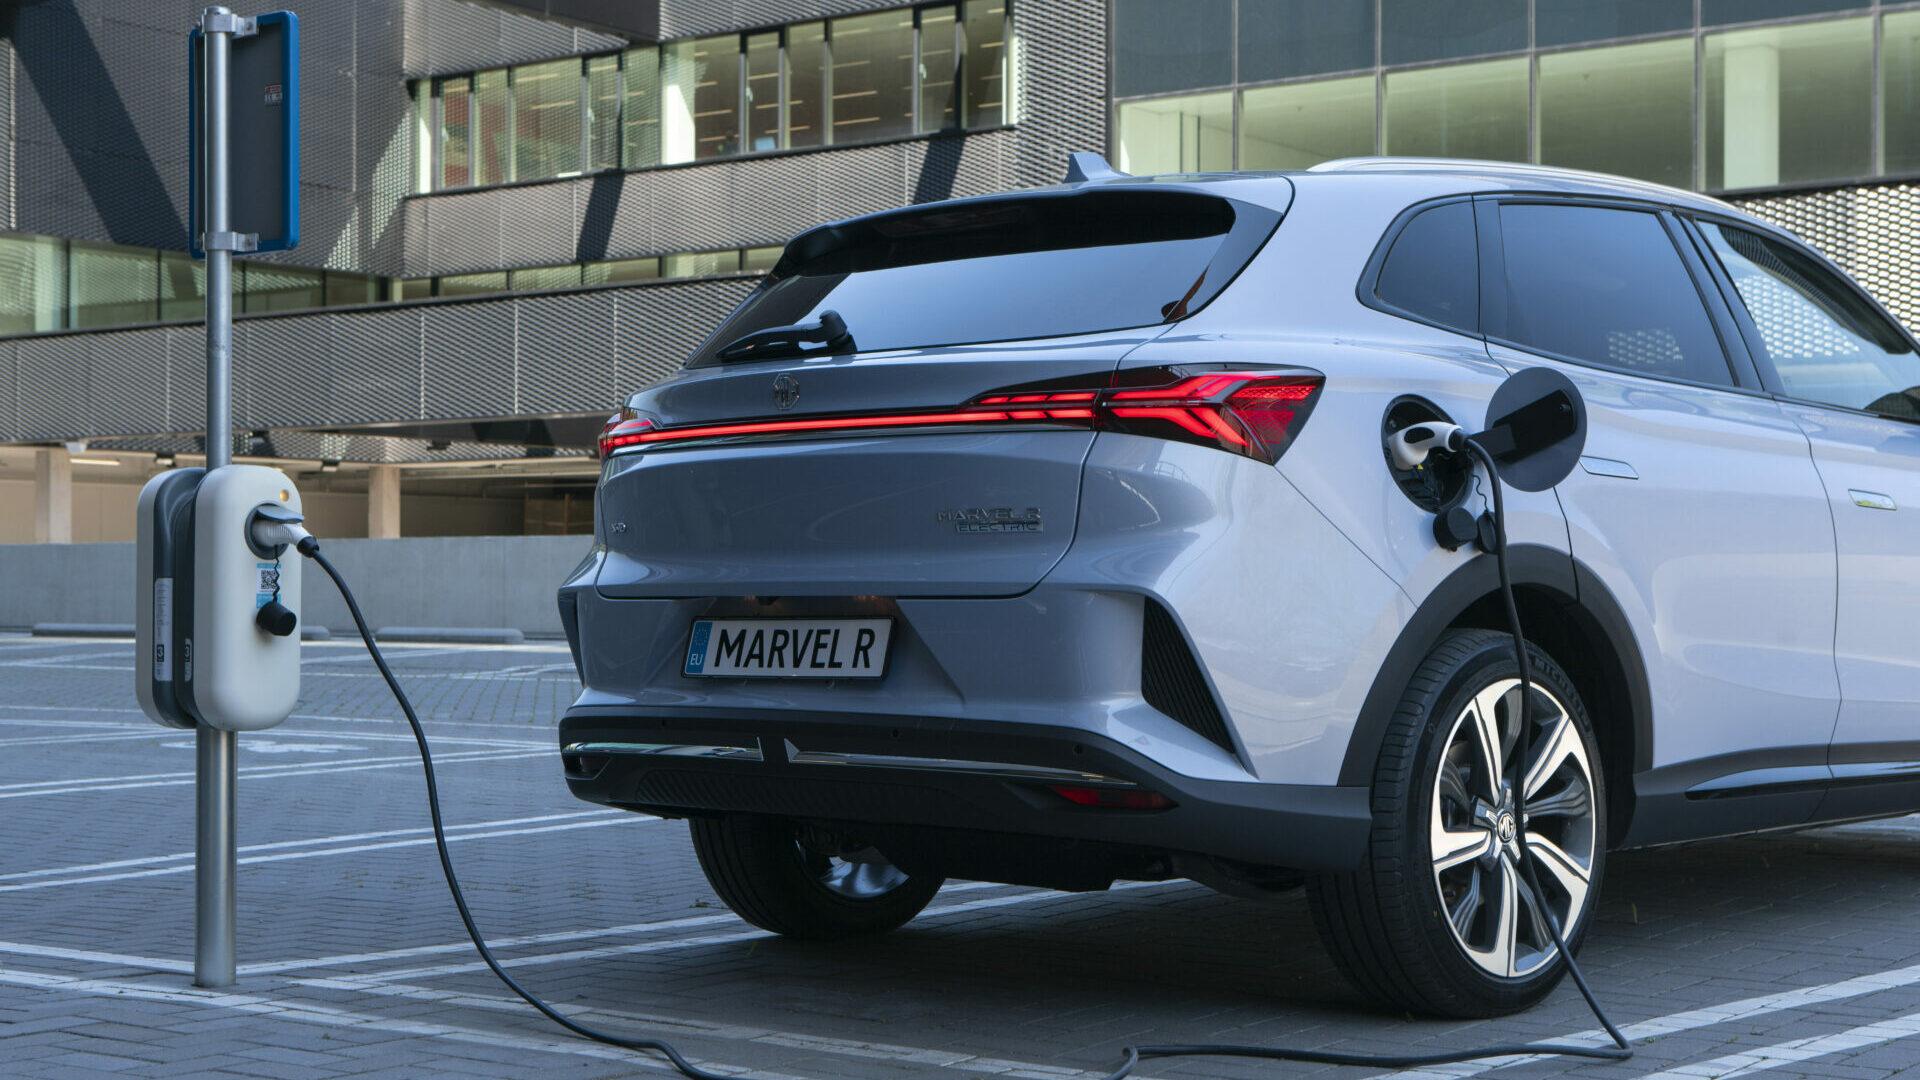 Nuevo MG Marvel R Electric: luz verde a los primeros pedidos del todocamino eléctrico